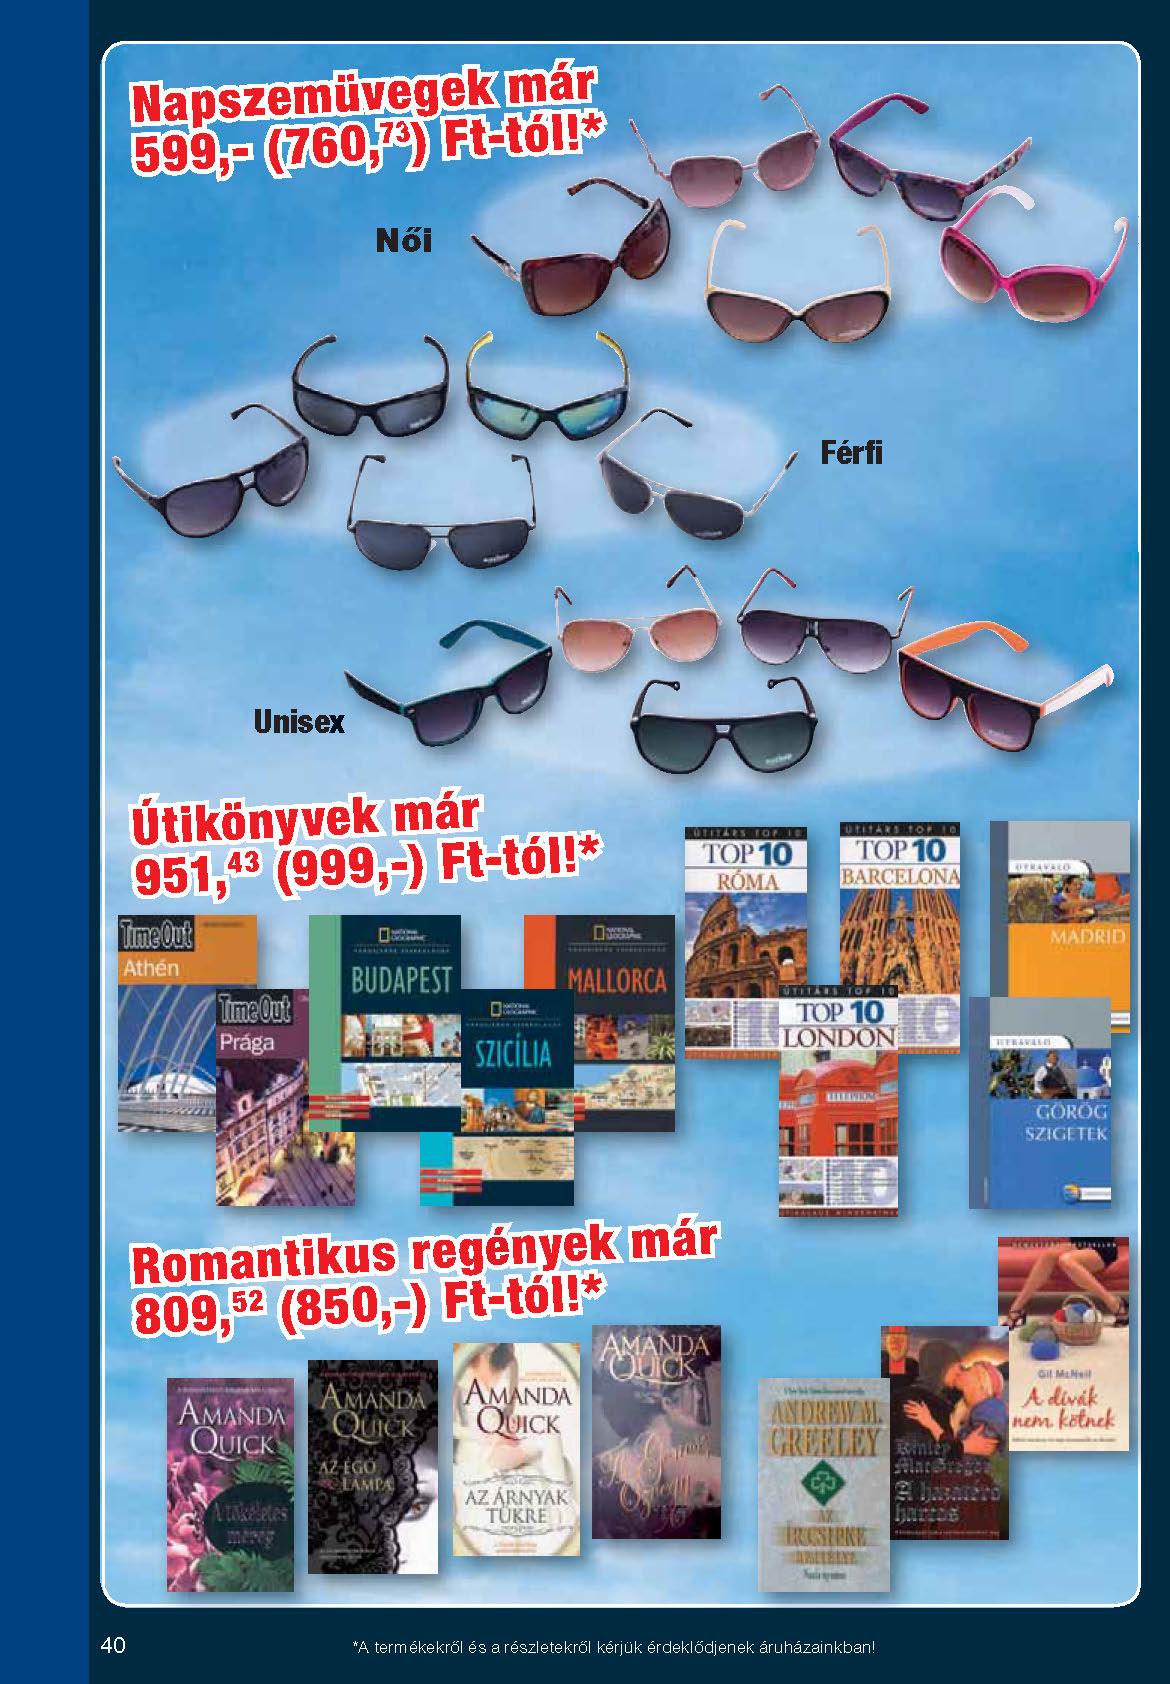 Metro Mađarska Katalog Neprehrana